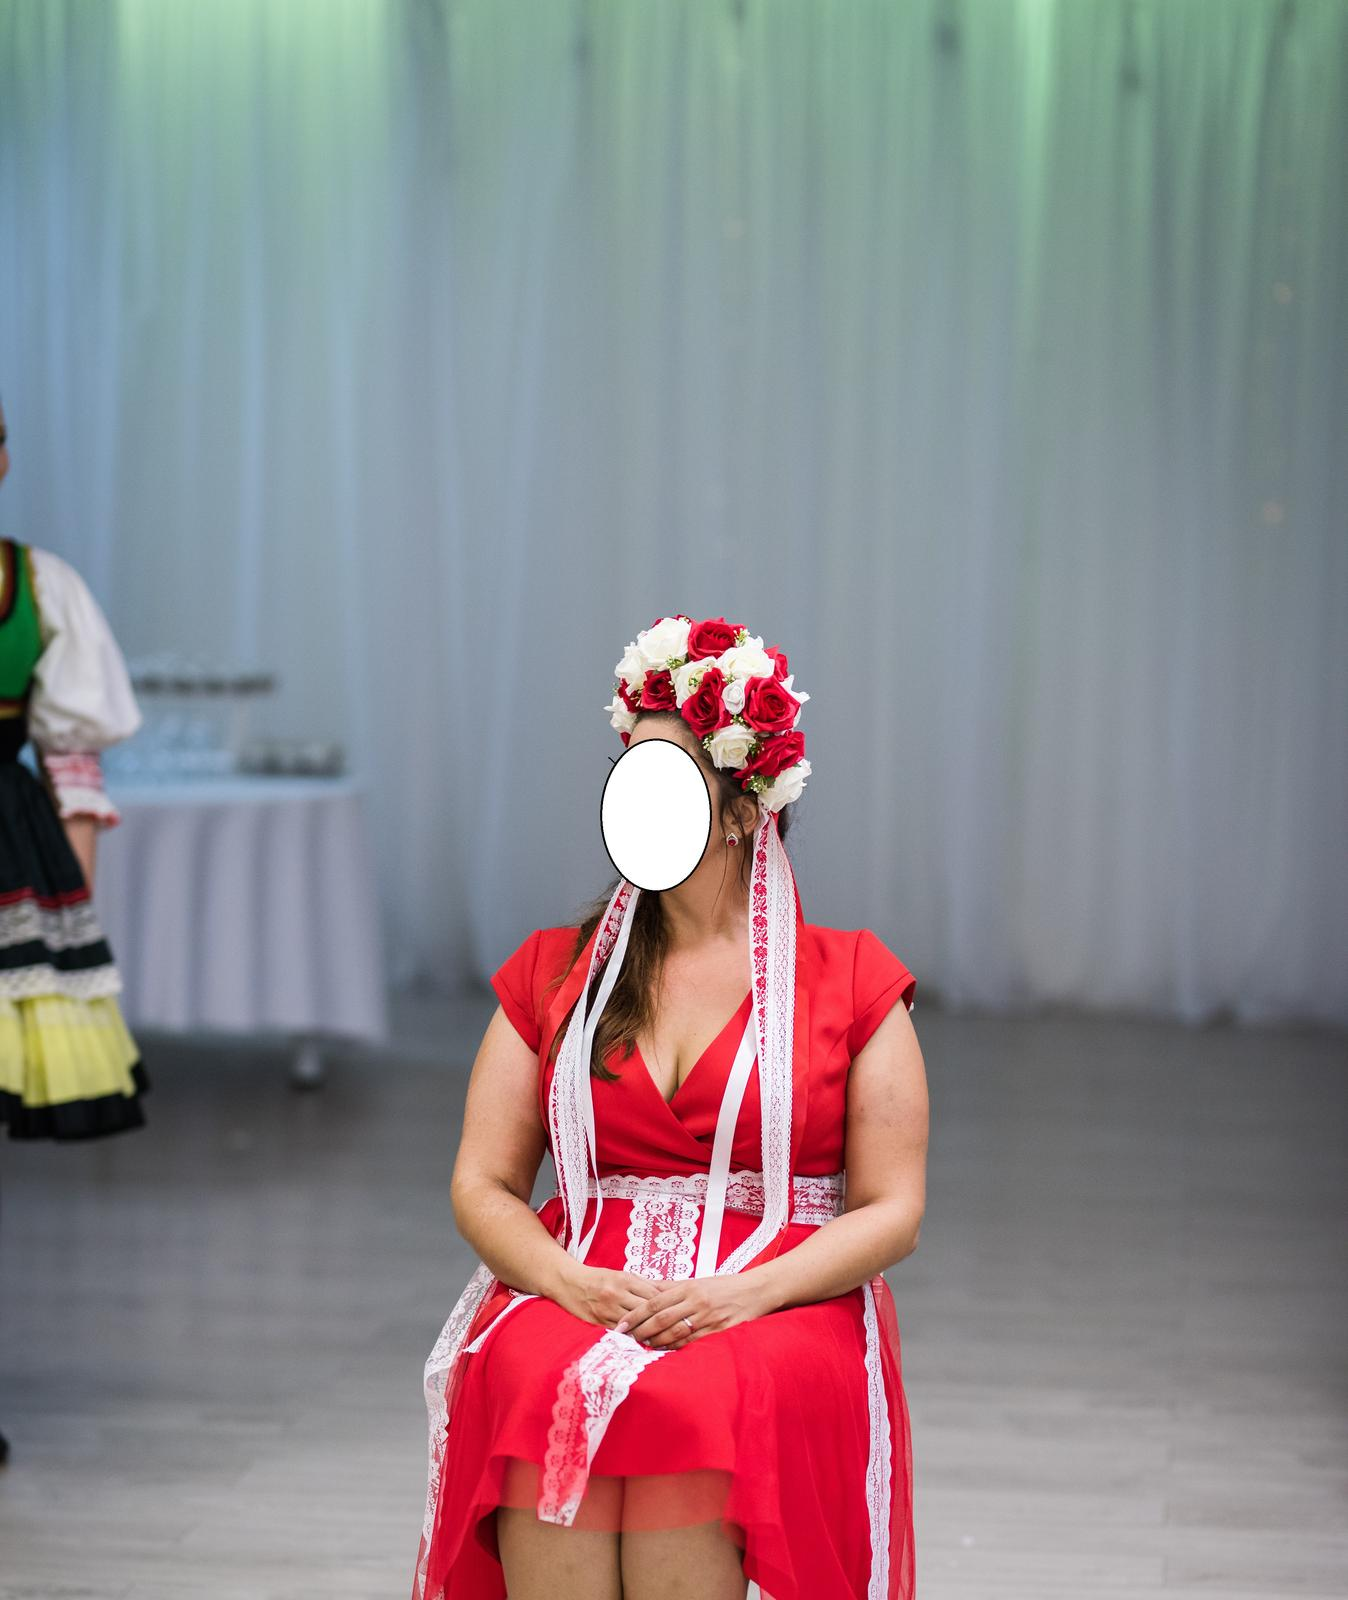 Šaty na redový tanec - Obrázok č. 2